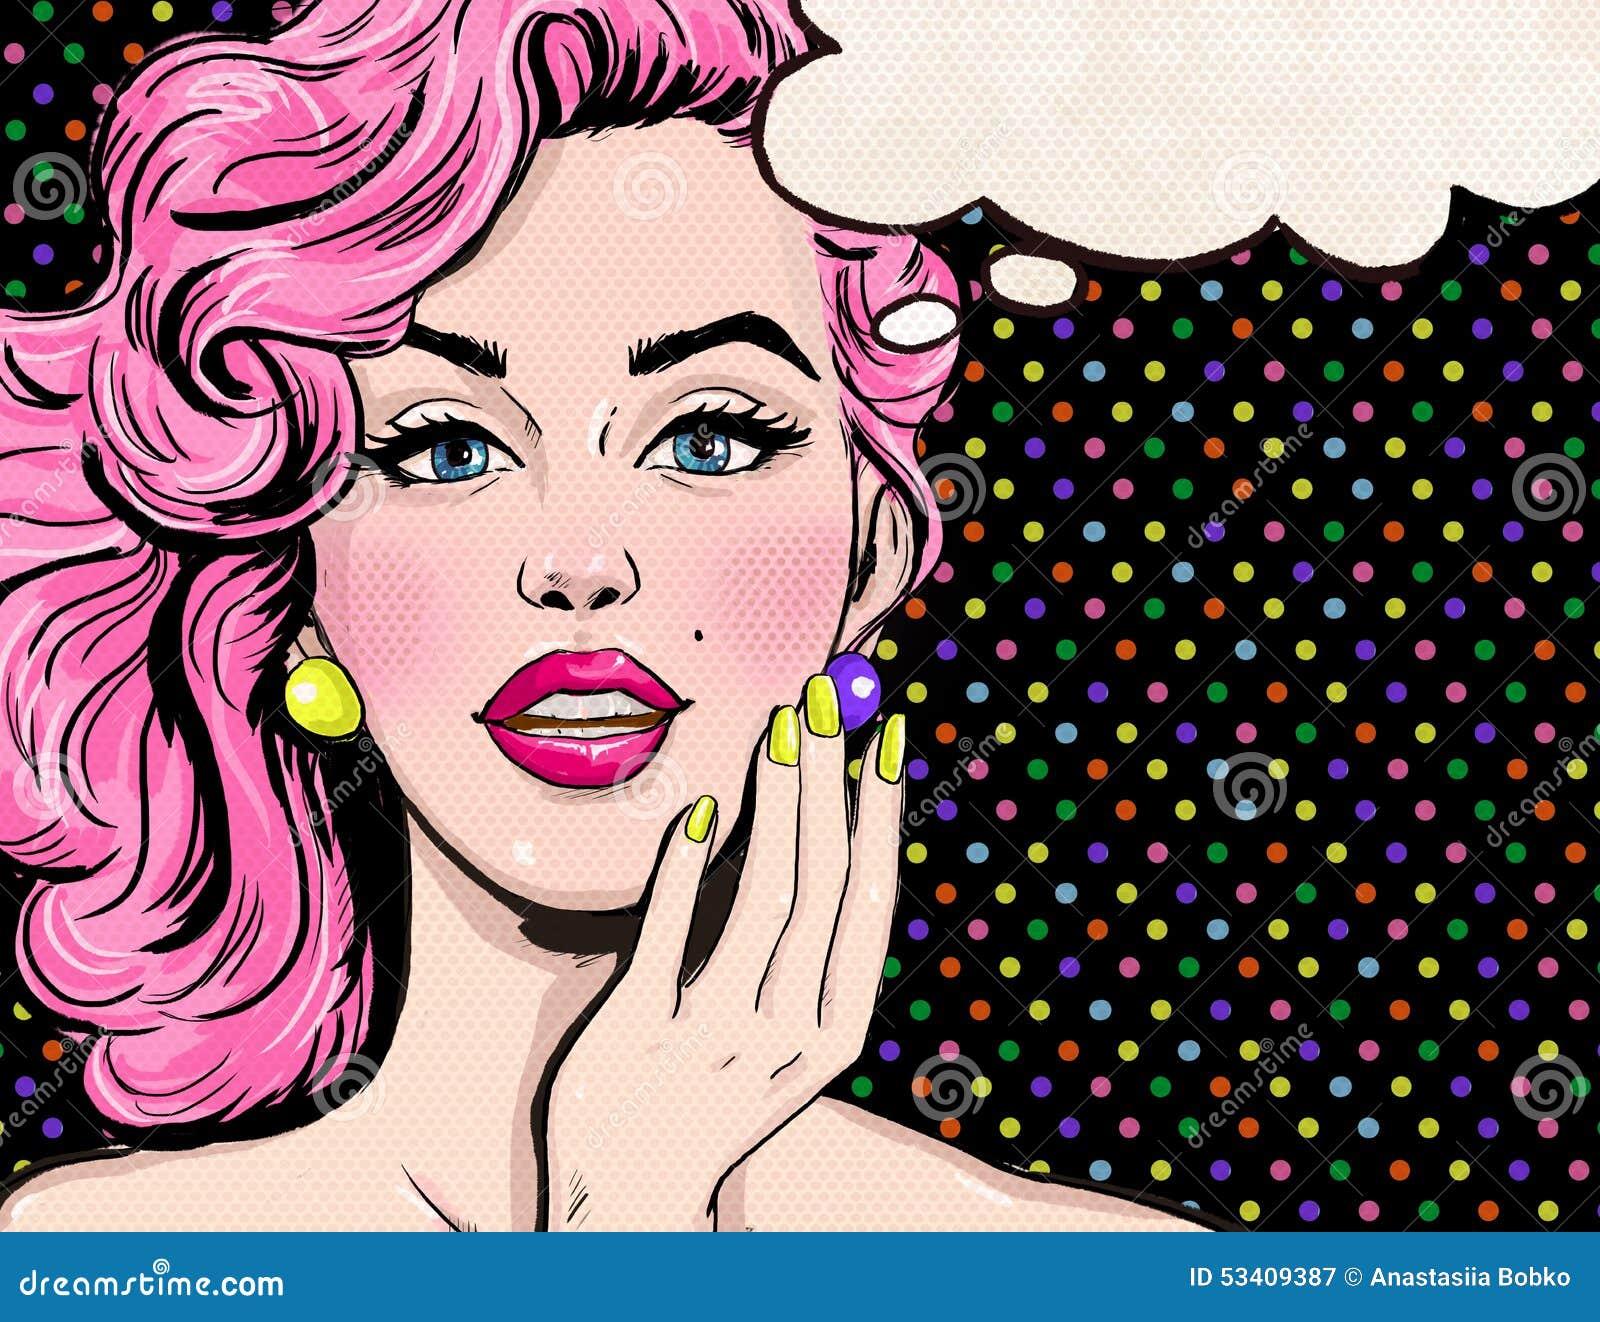 Pop-Arten-Illustration des Mädchens mit der Spracheblase Pop-Arten-Mädchen Vektor Victorianillustration